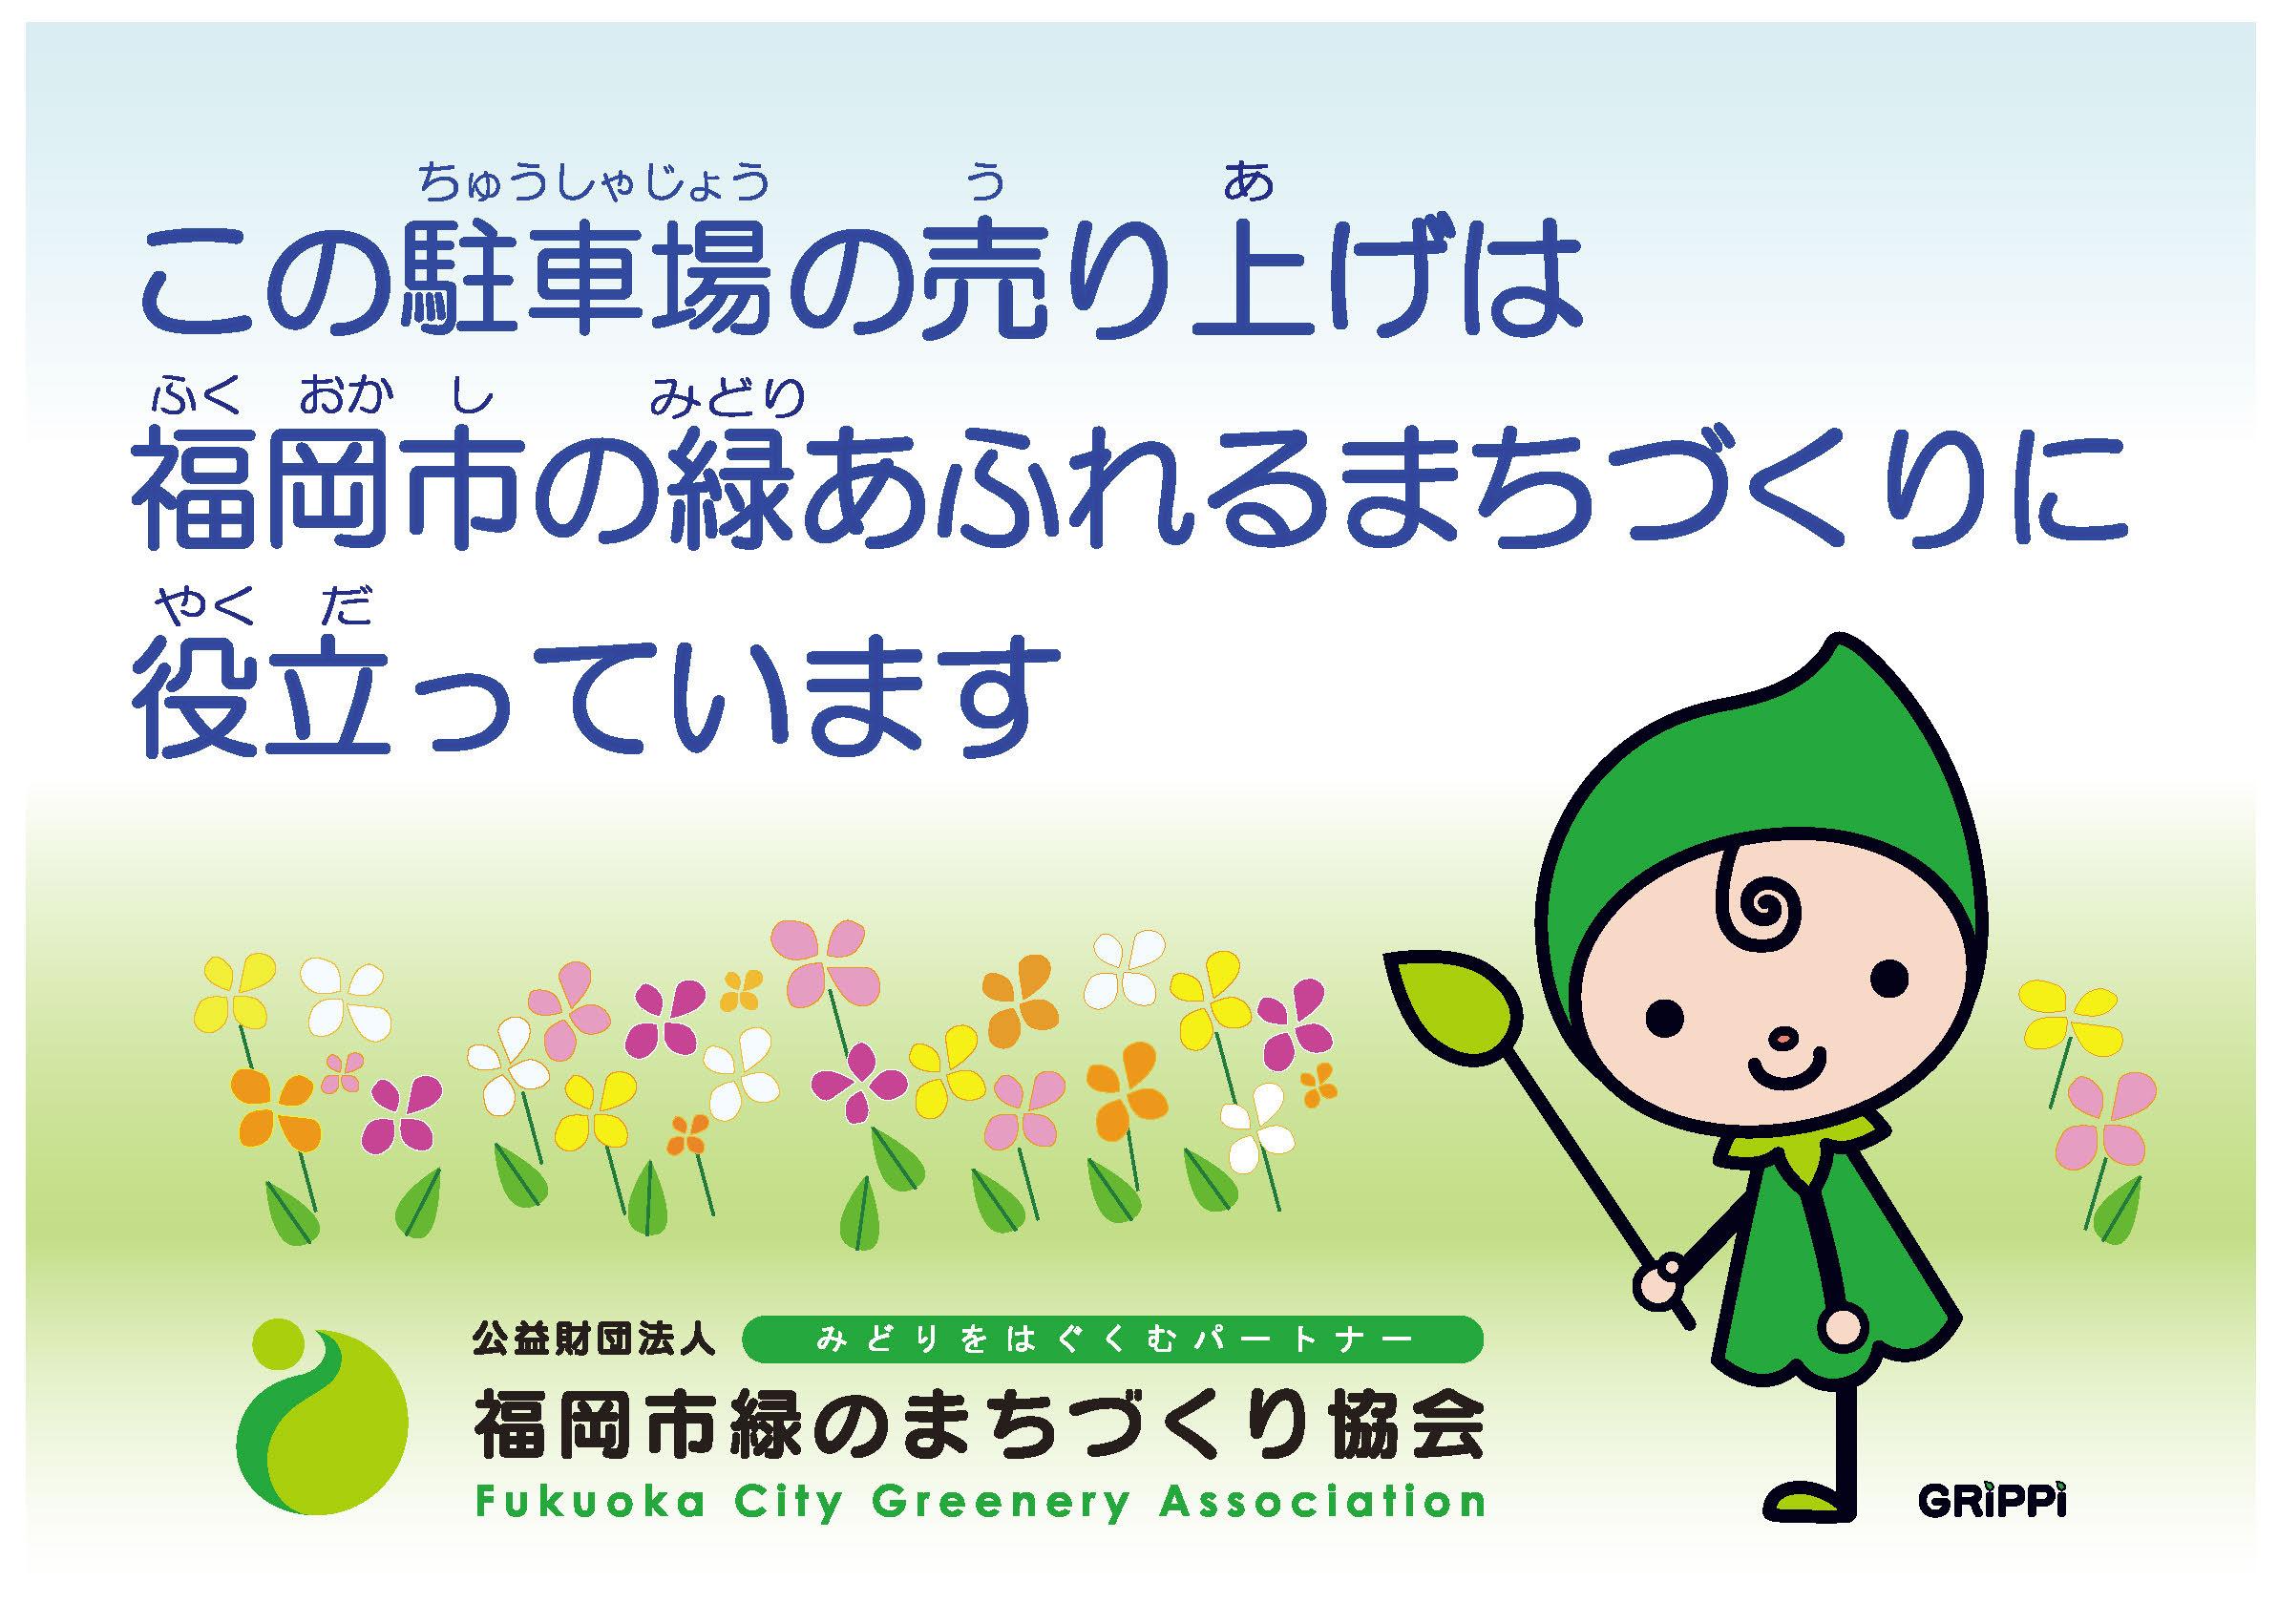 http://www.midorimachi.jp/blog/%E9%A7%90%E8%BB%8A%E5%A0%B4%E5%BC%B5%E3%82%8A%E7%B4%99.jpg